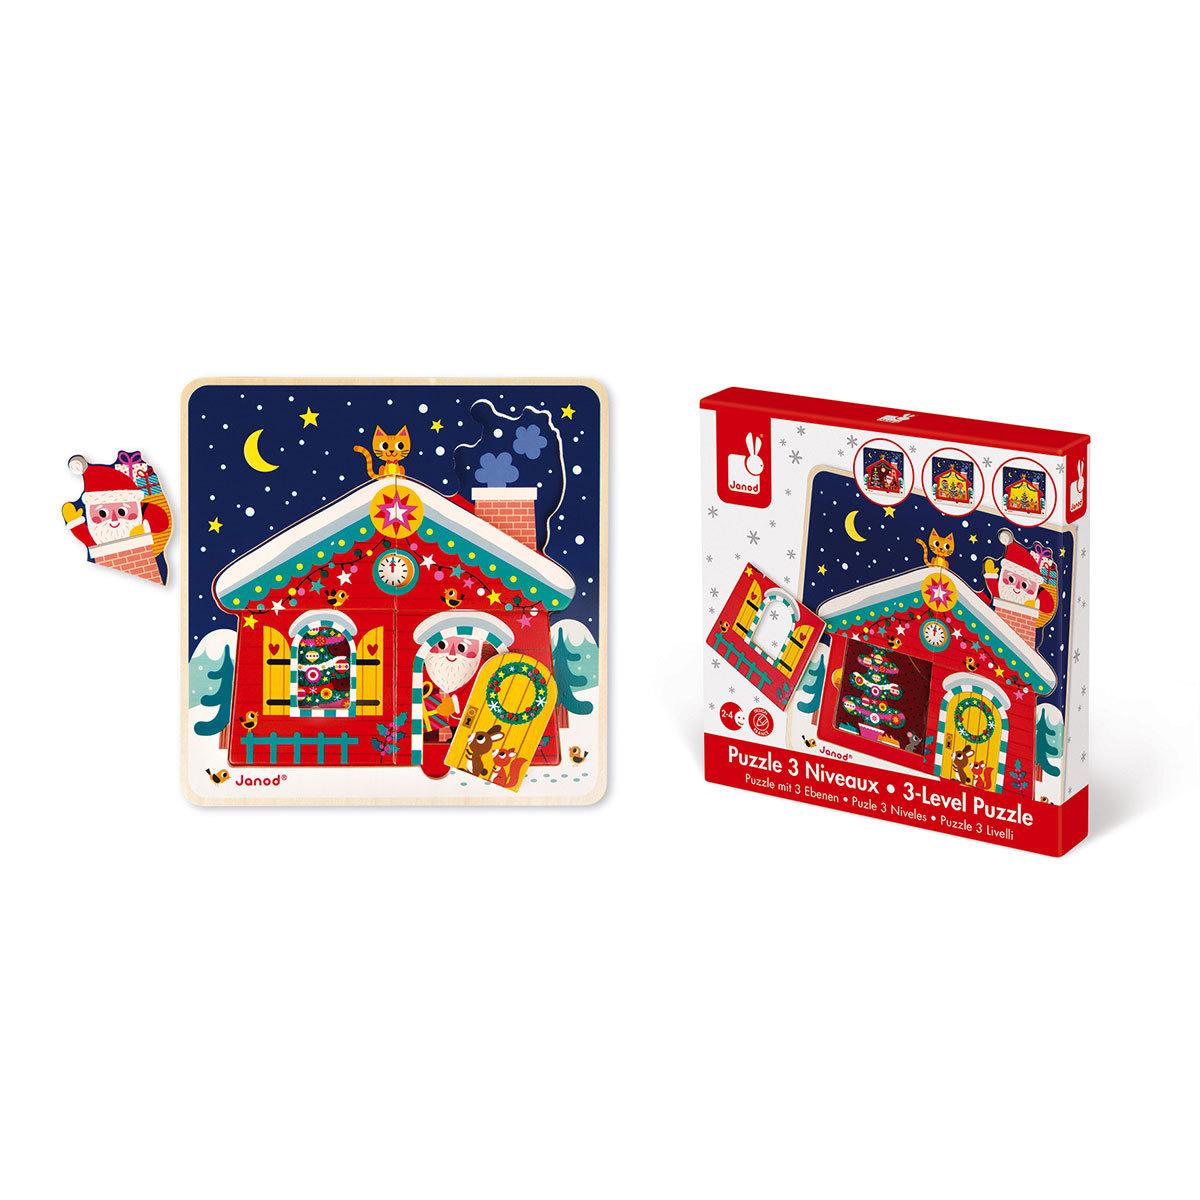 Mes premiers jouets Puzzle 3 Niveaux - La Nuit de Noël Puzzle 3 Niveaux - La Nuit de Noël